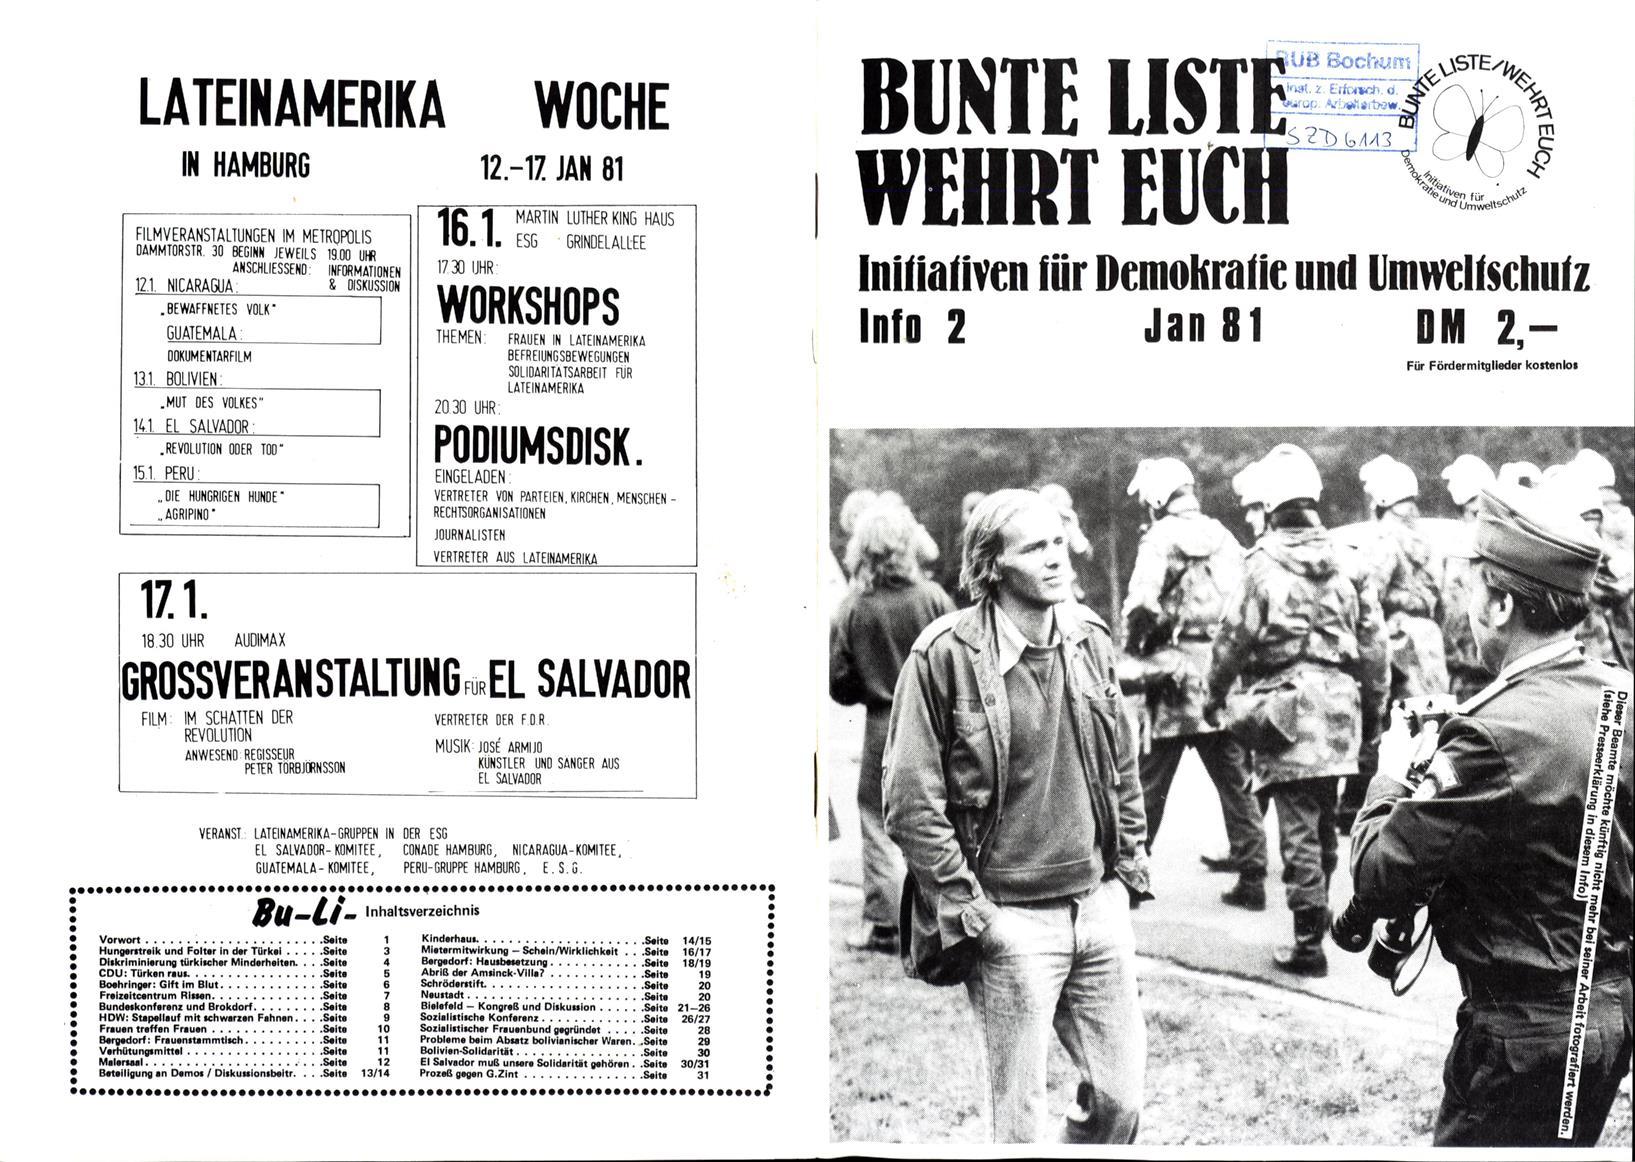 Hamburg_BuLi_Info_19810100_01